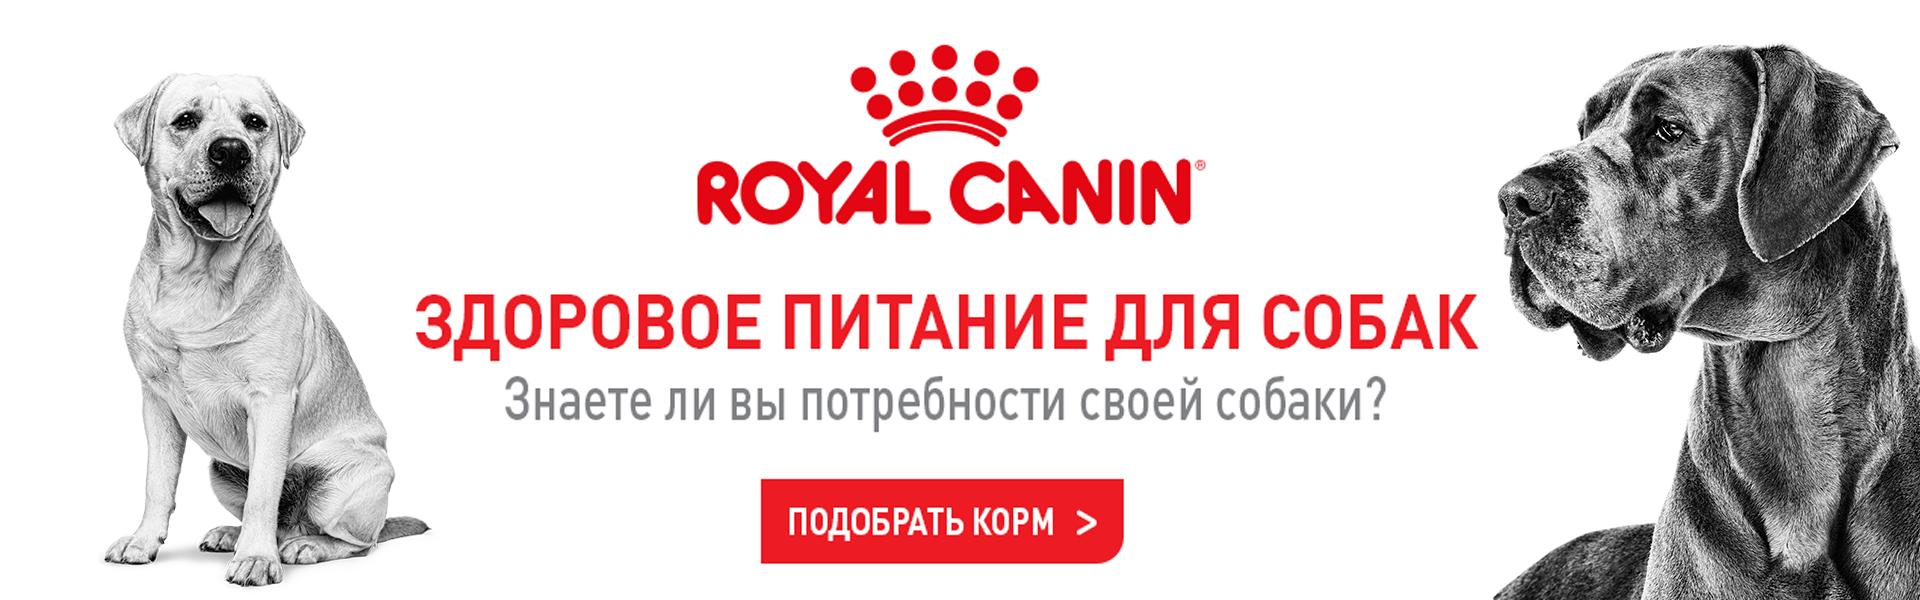 Royal Canin Dog